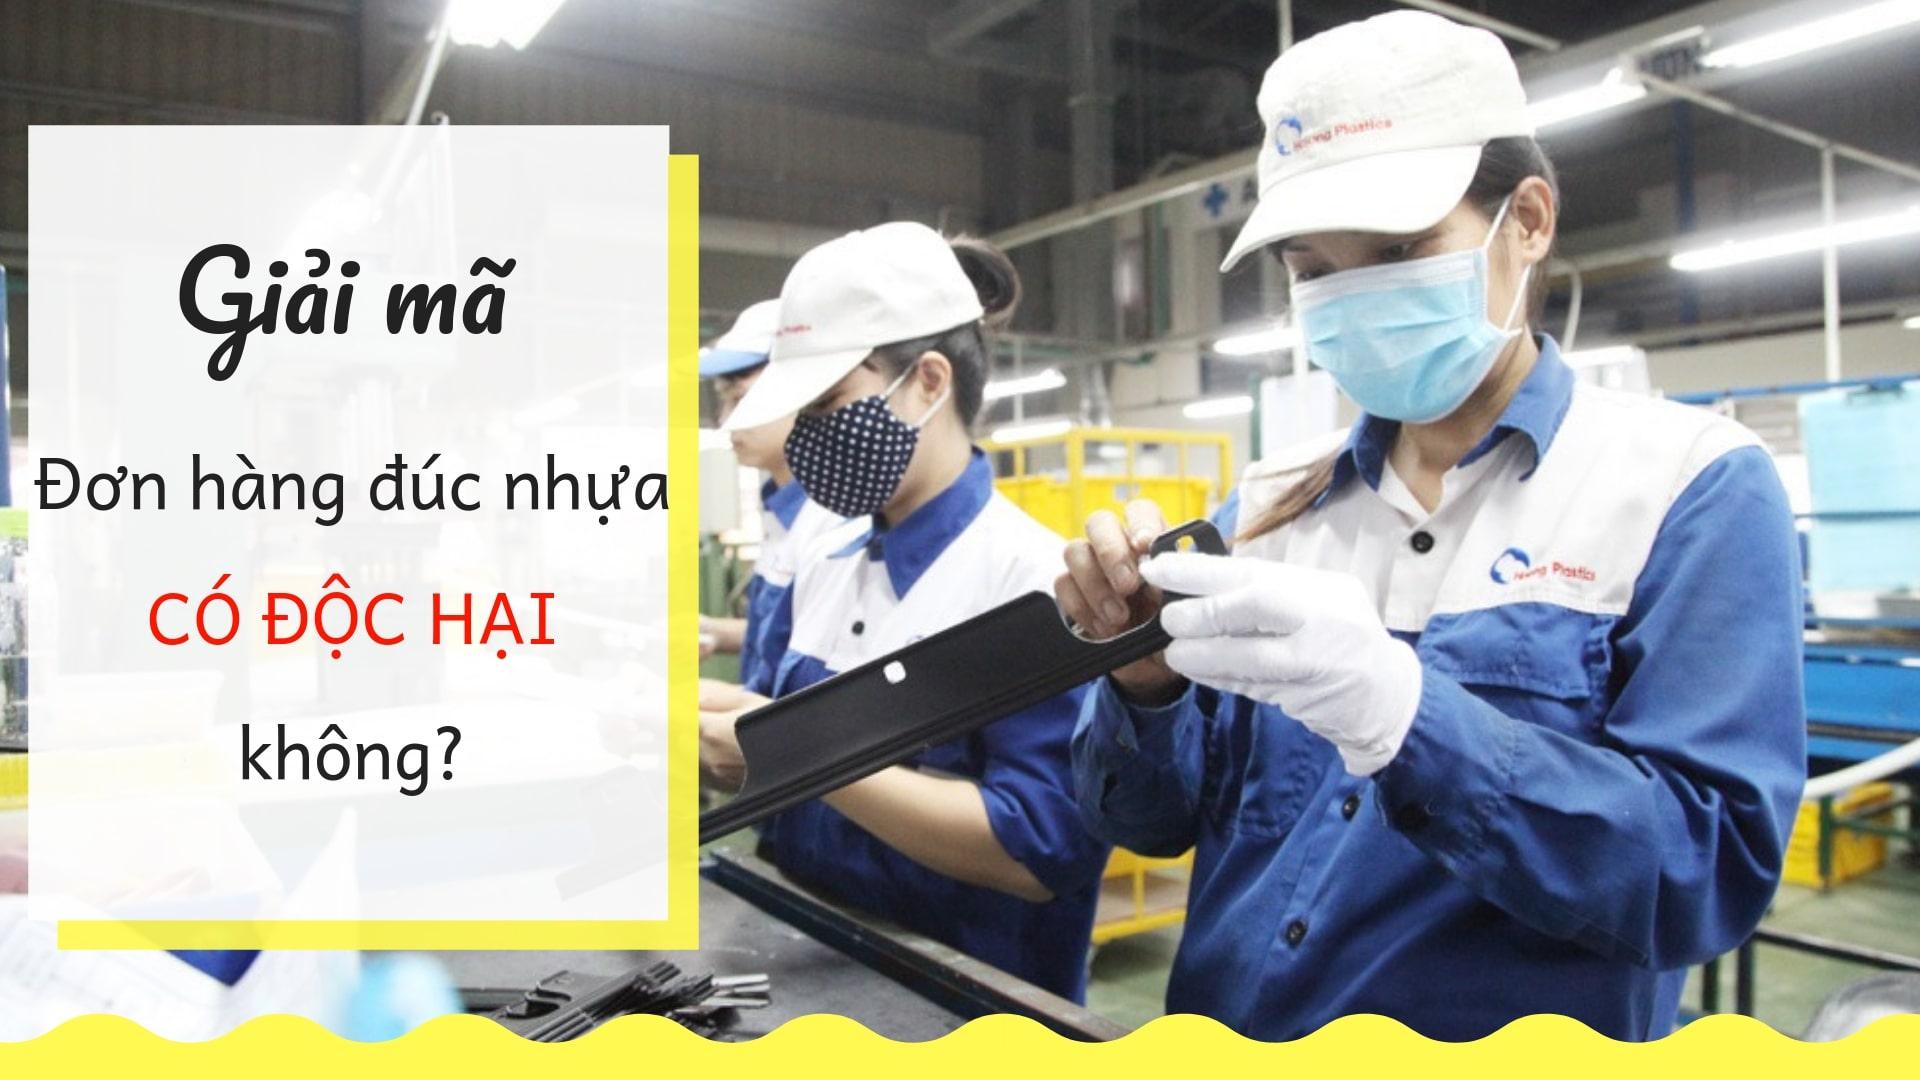 Đơn hàng đúc nhựa rất độc hại? Có nên đi XKLĐ Nhật Bản đơn hàng đúc nhựa không?